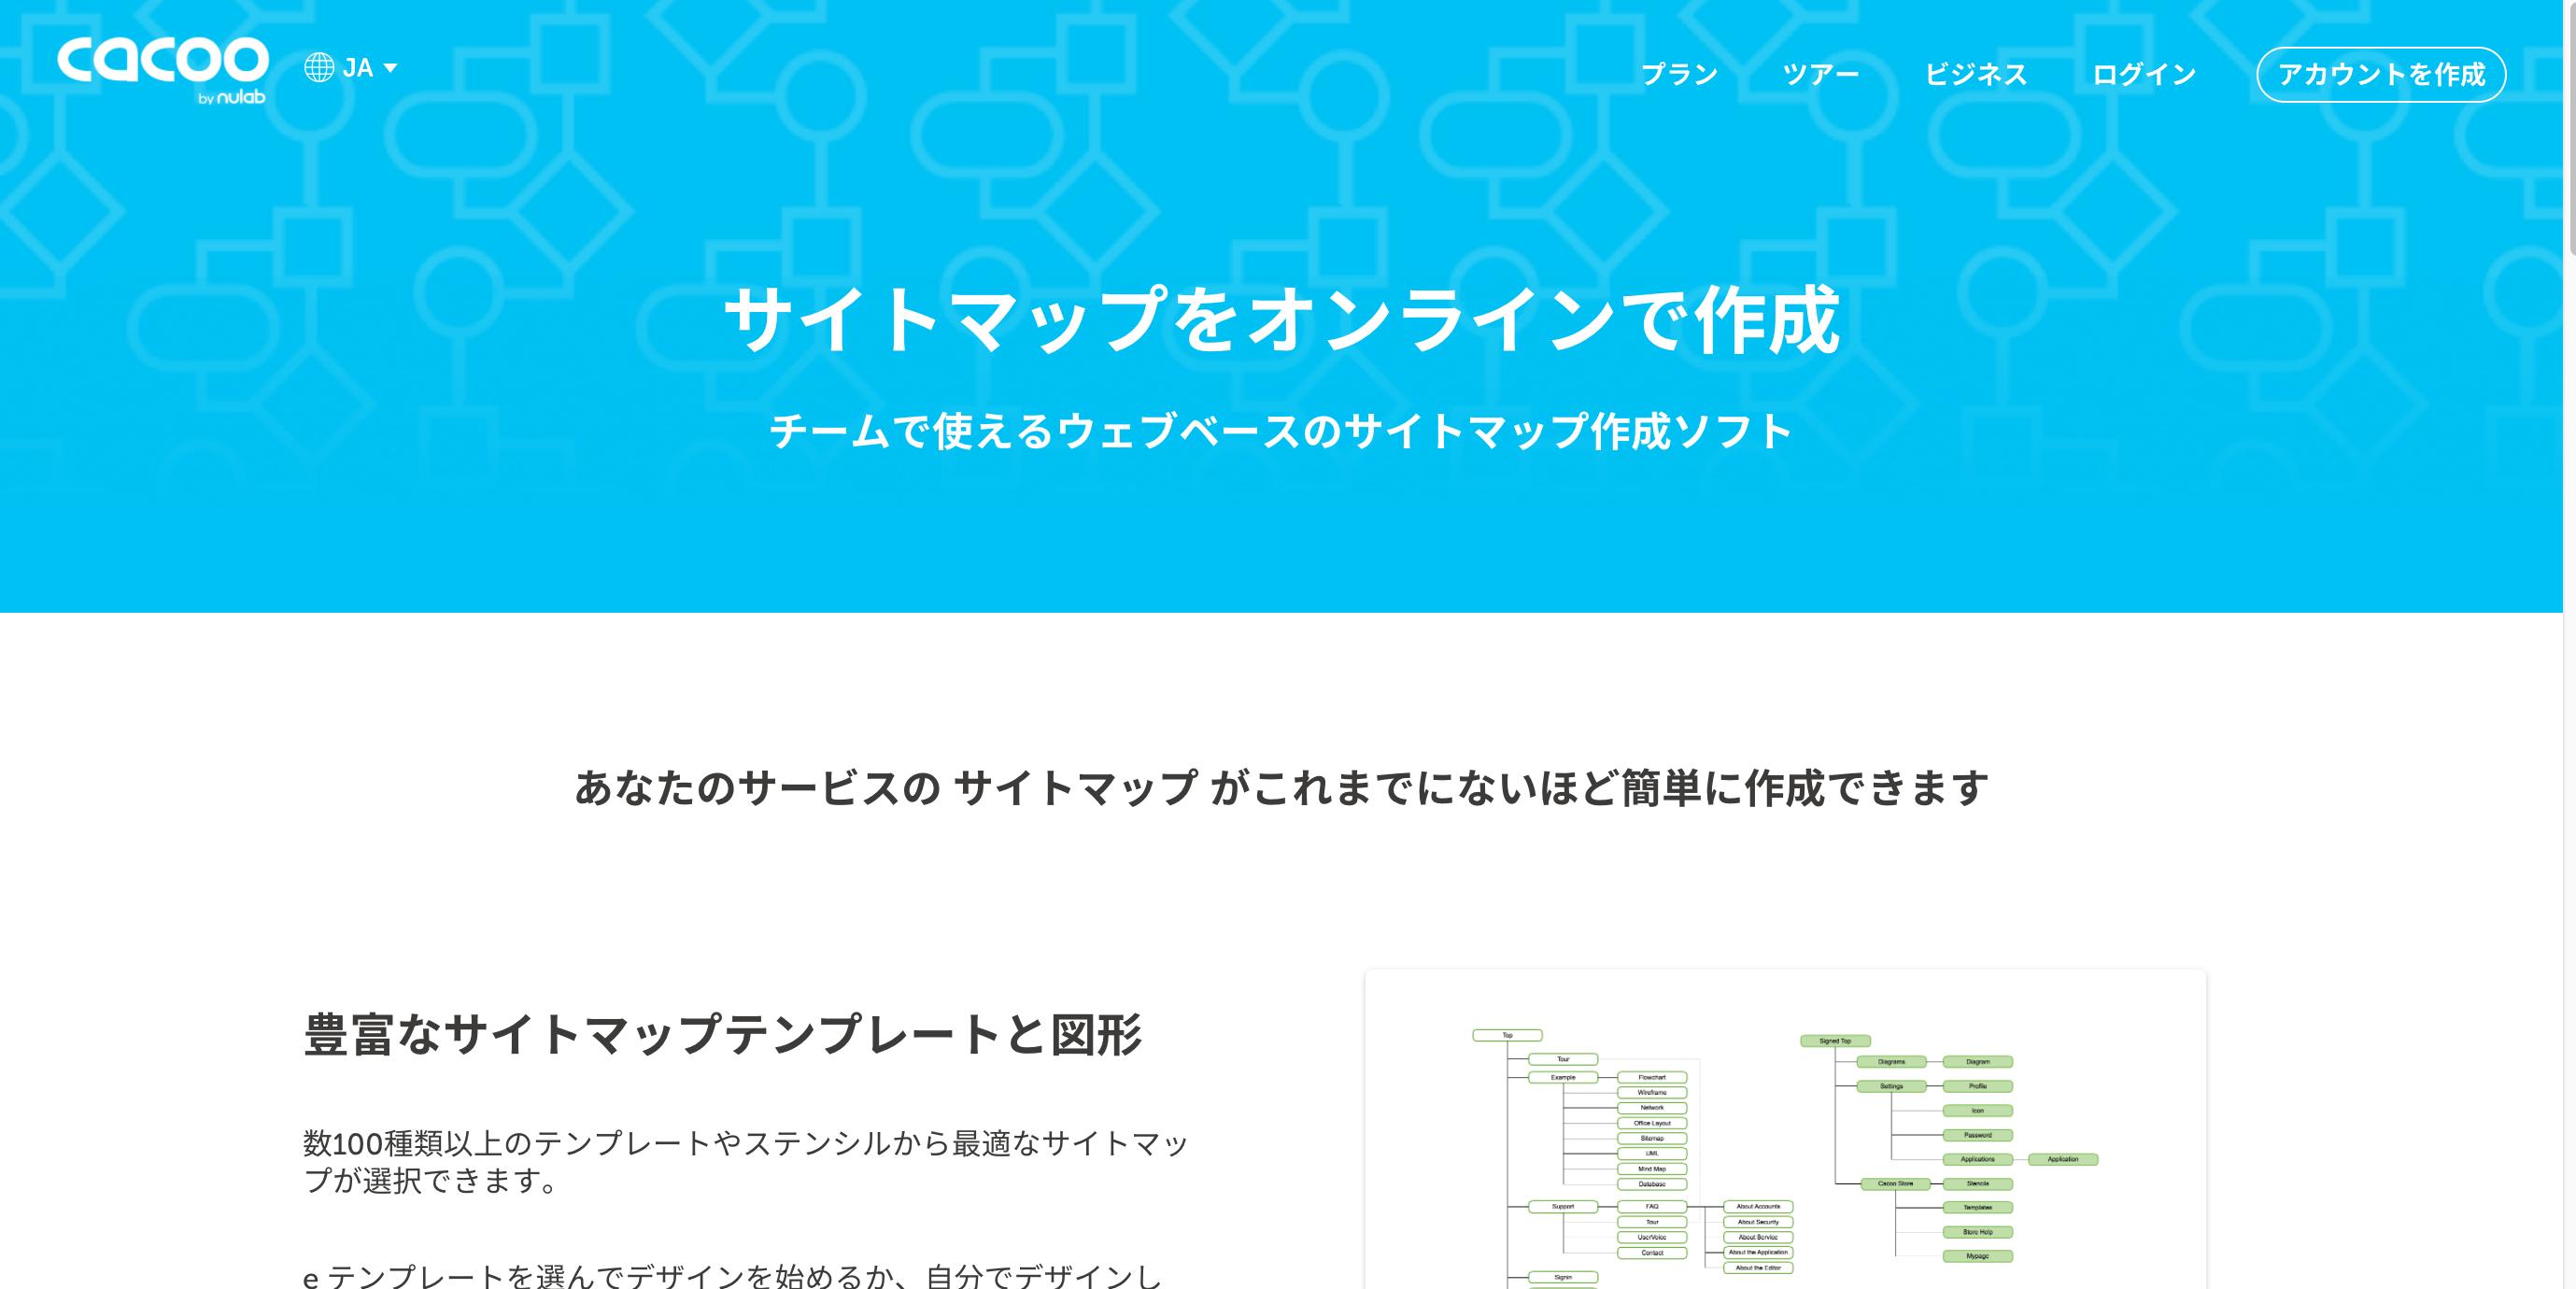 cacooinc - サイトマップの作り方!簡単にテンプレートで作成する方法